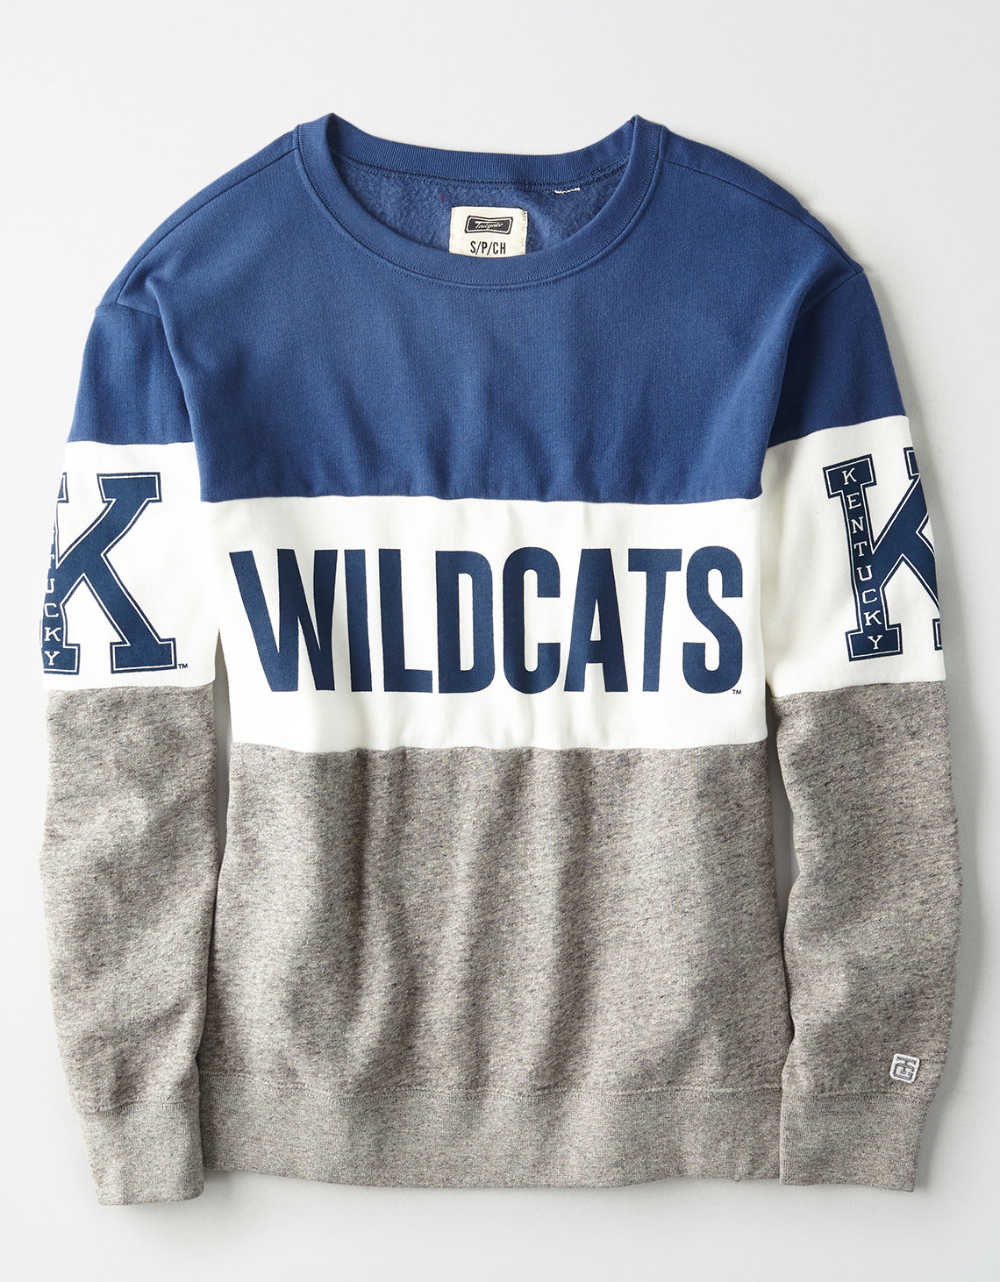 Sweatshirt Fabric University of Kentucky Wildcats Sweatshirt Fleece Fabric